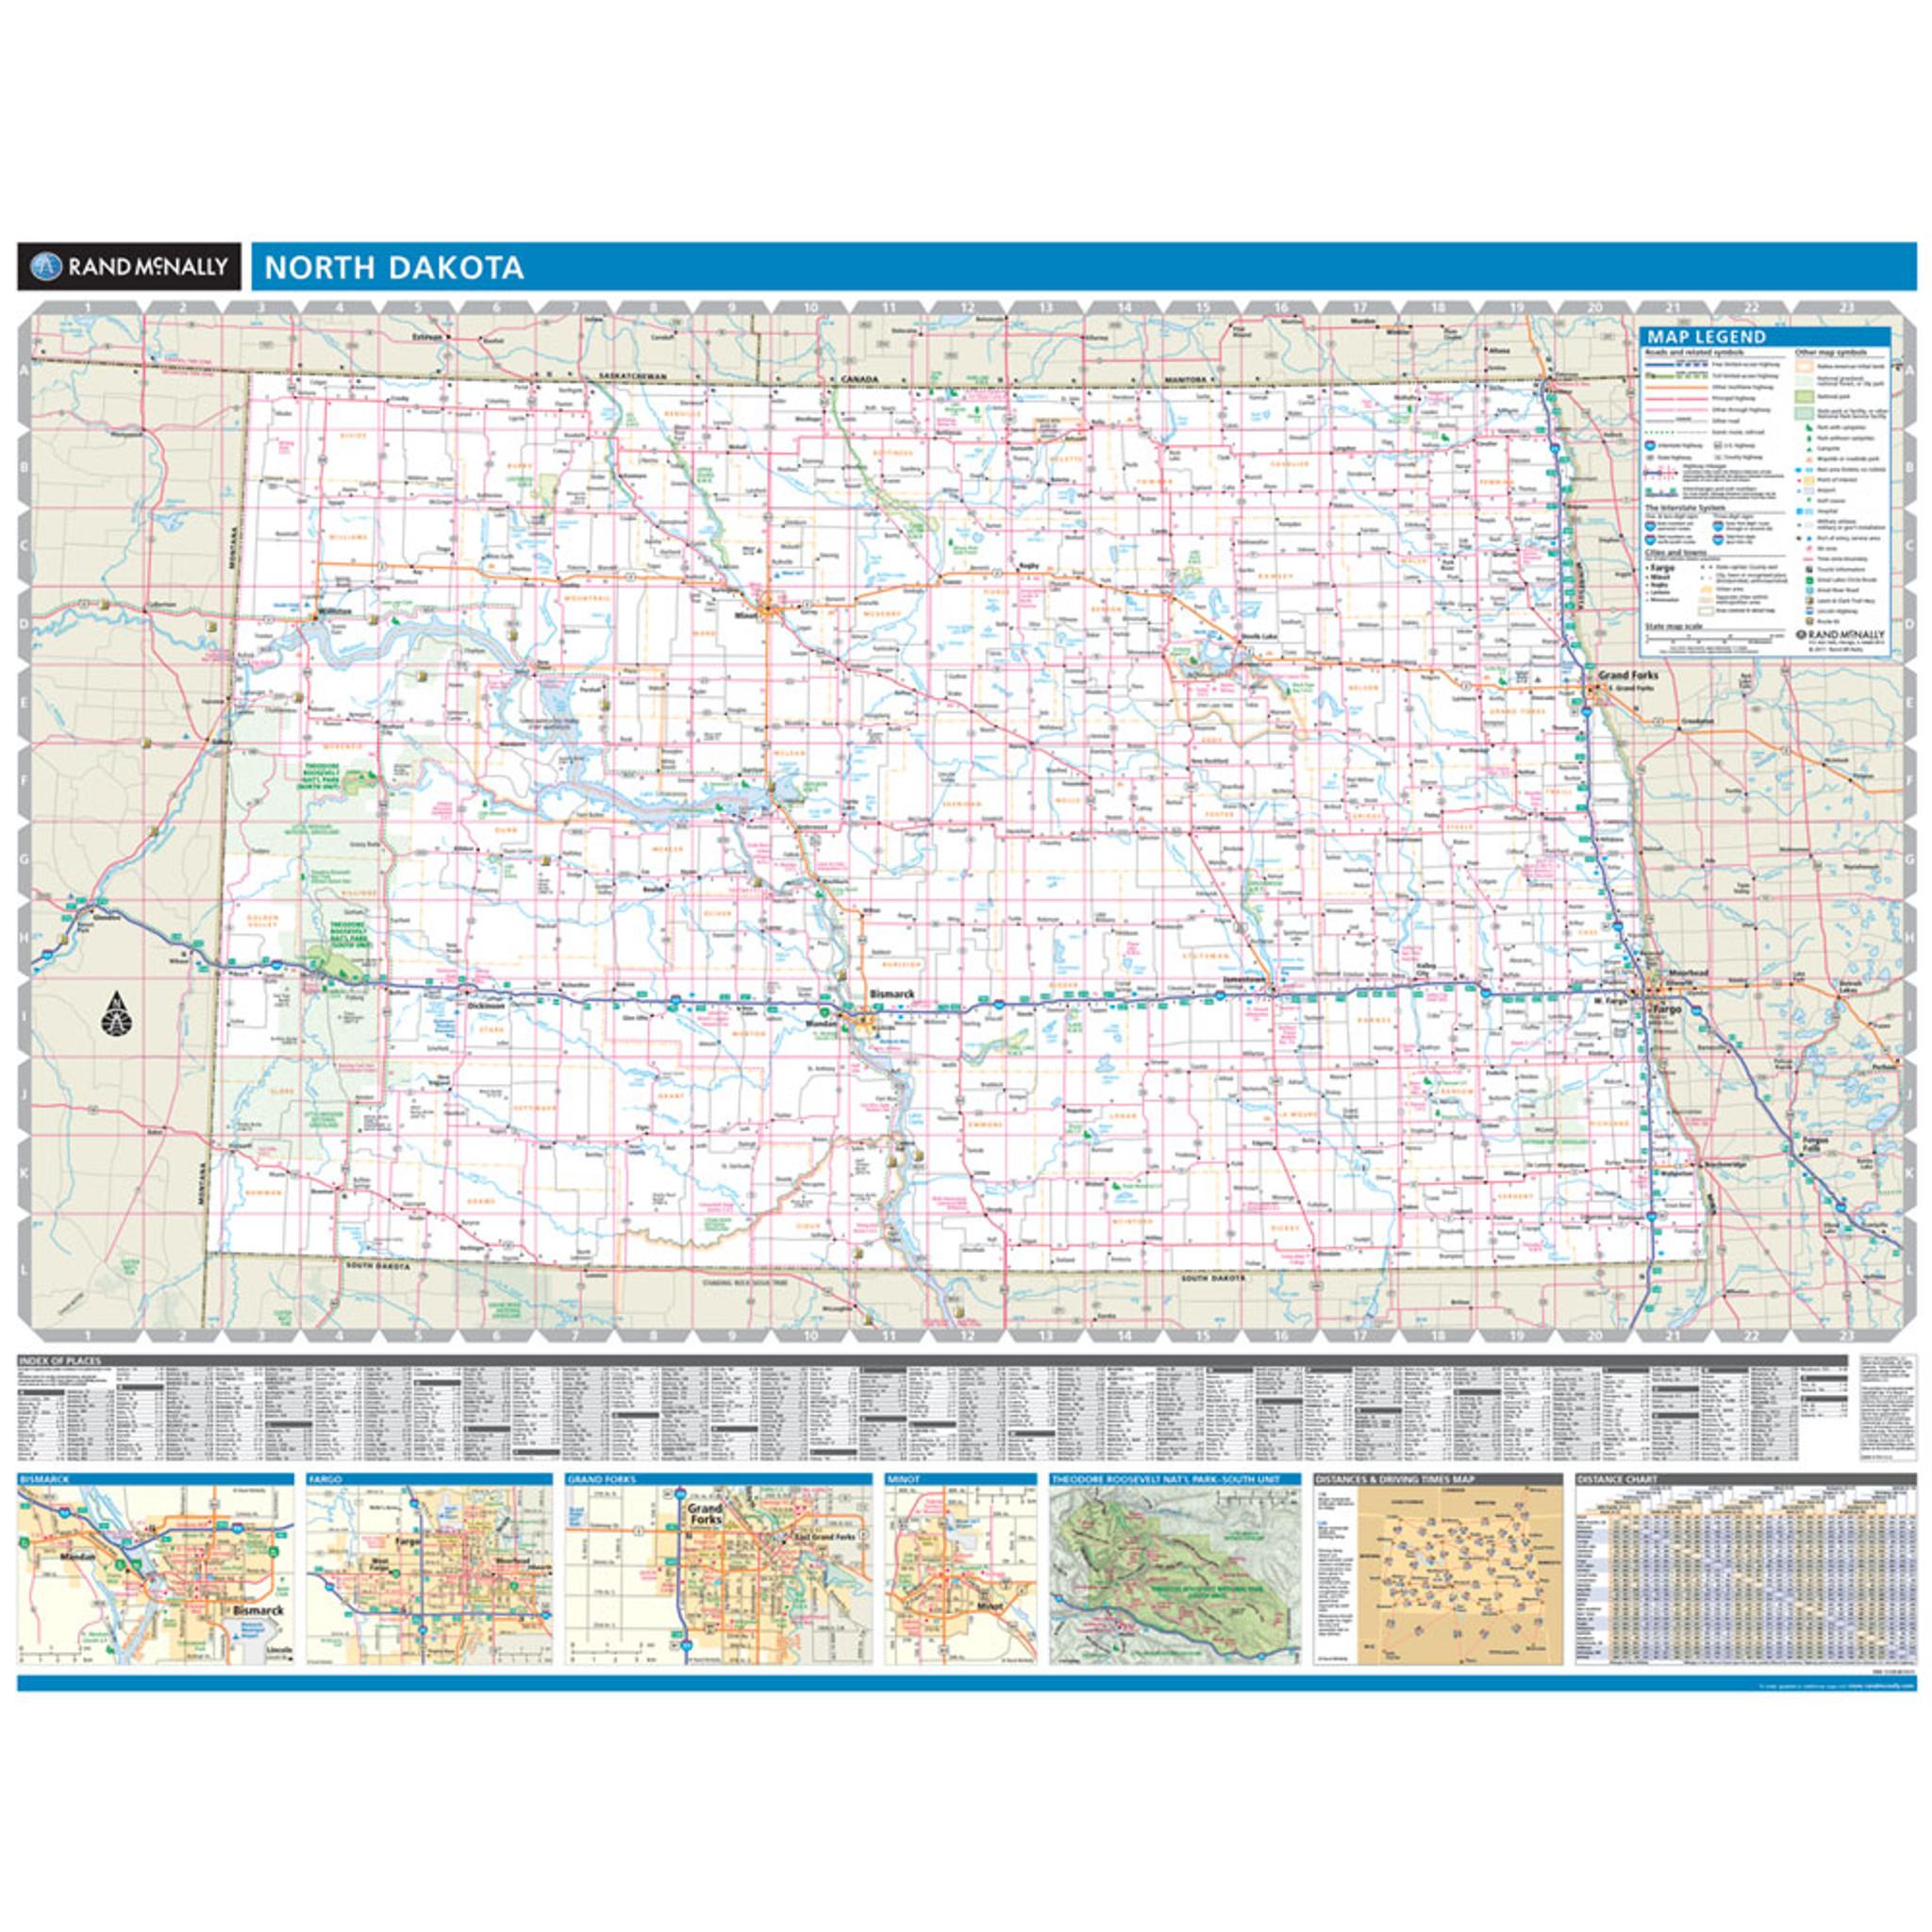 Rand McNally North Dakota State Wall Map